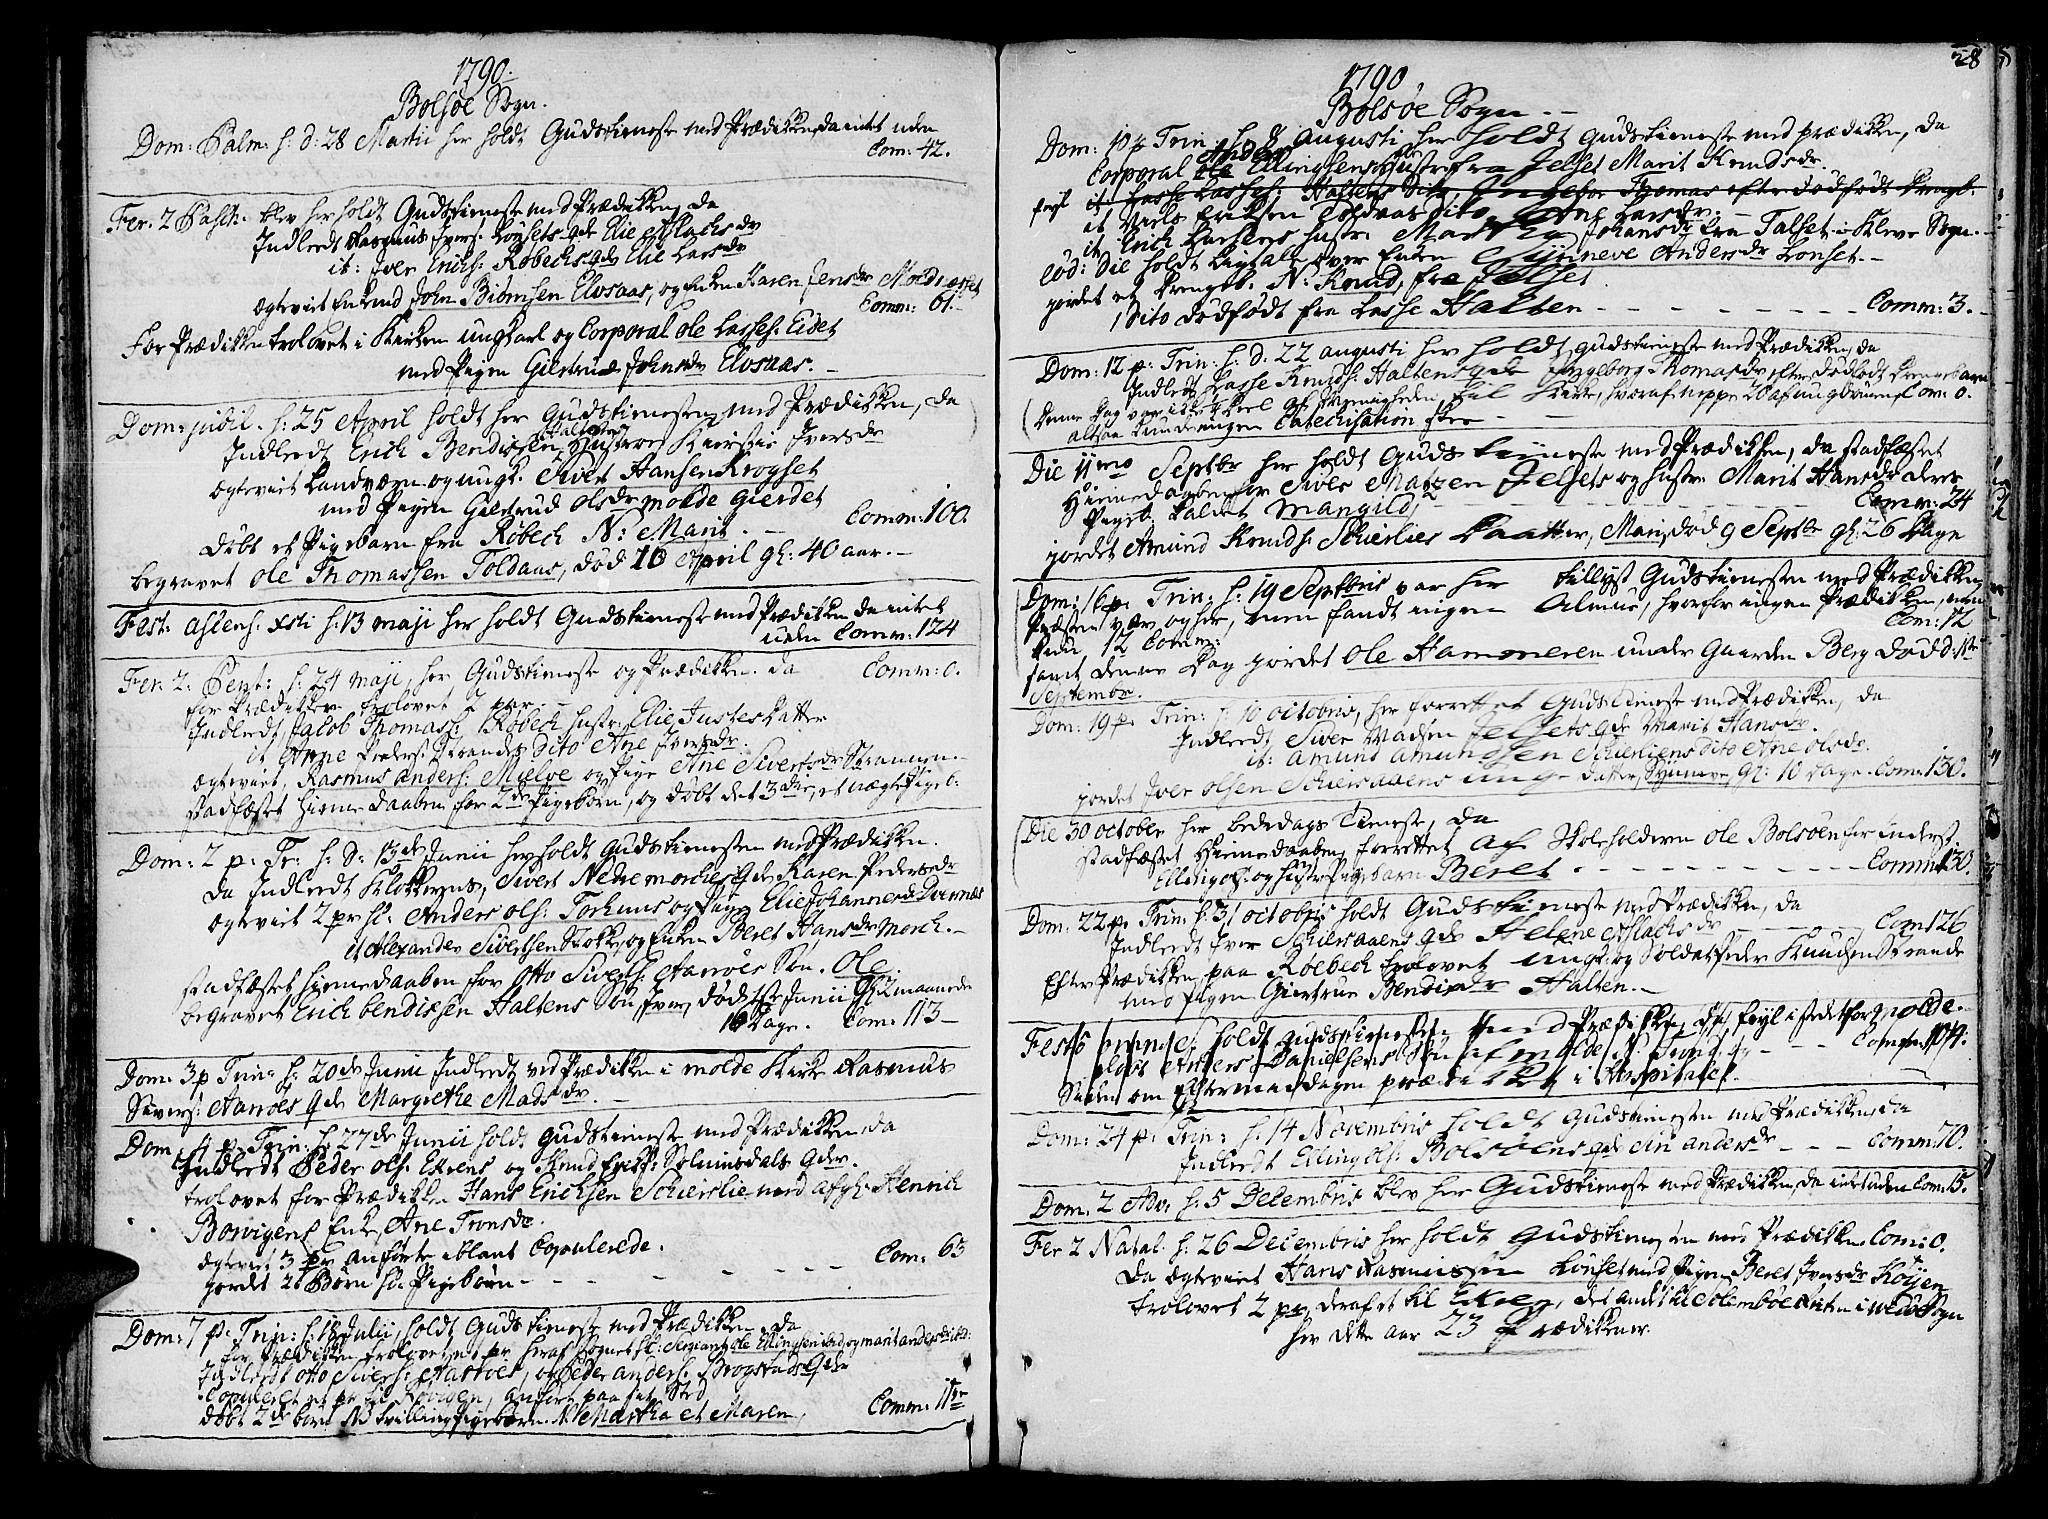 SAT, Ministerialprotokoller, klokkerbøker og fødselsregistre - Møre og Romsdal, 555/L0648: Ministerialbok nr. 555A01, 1759-1793, s. 28